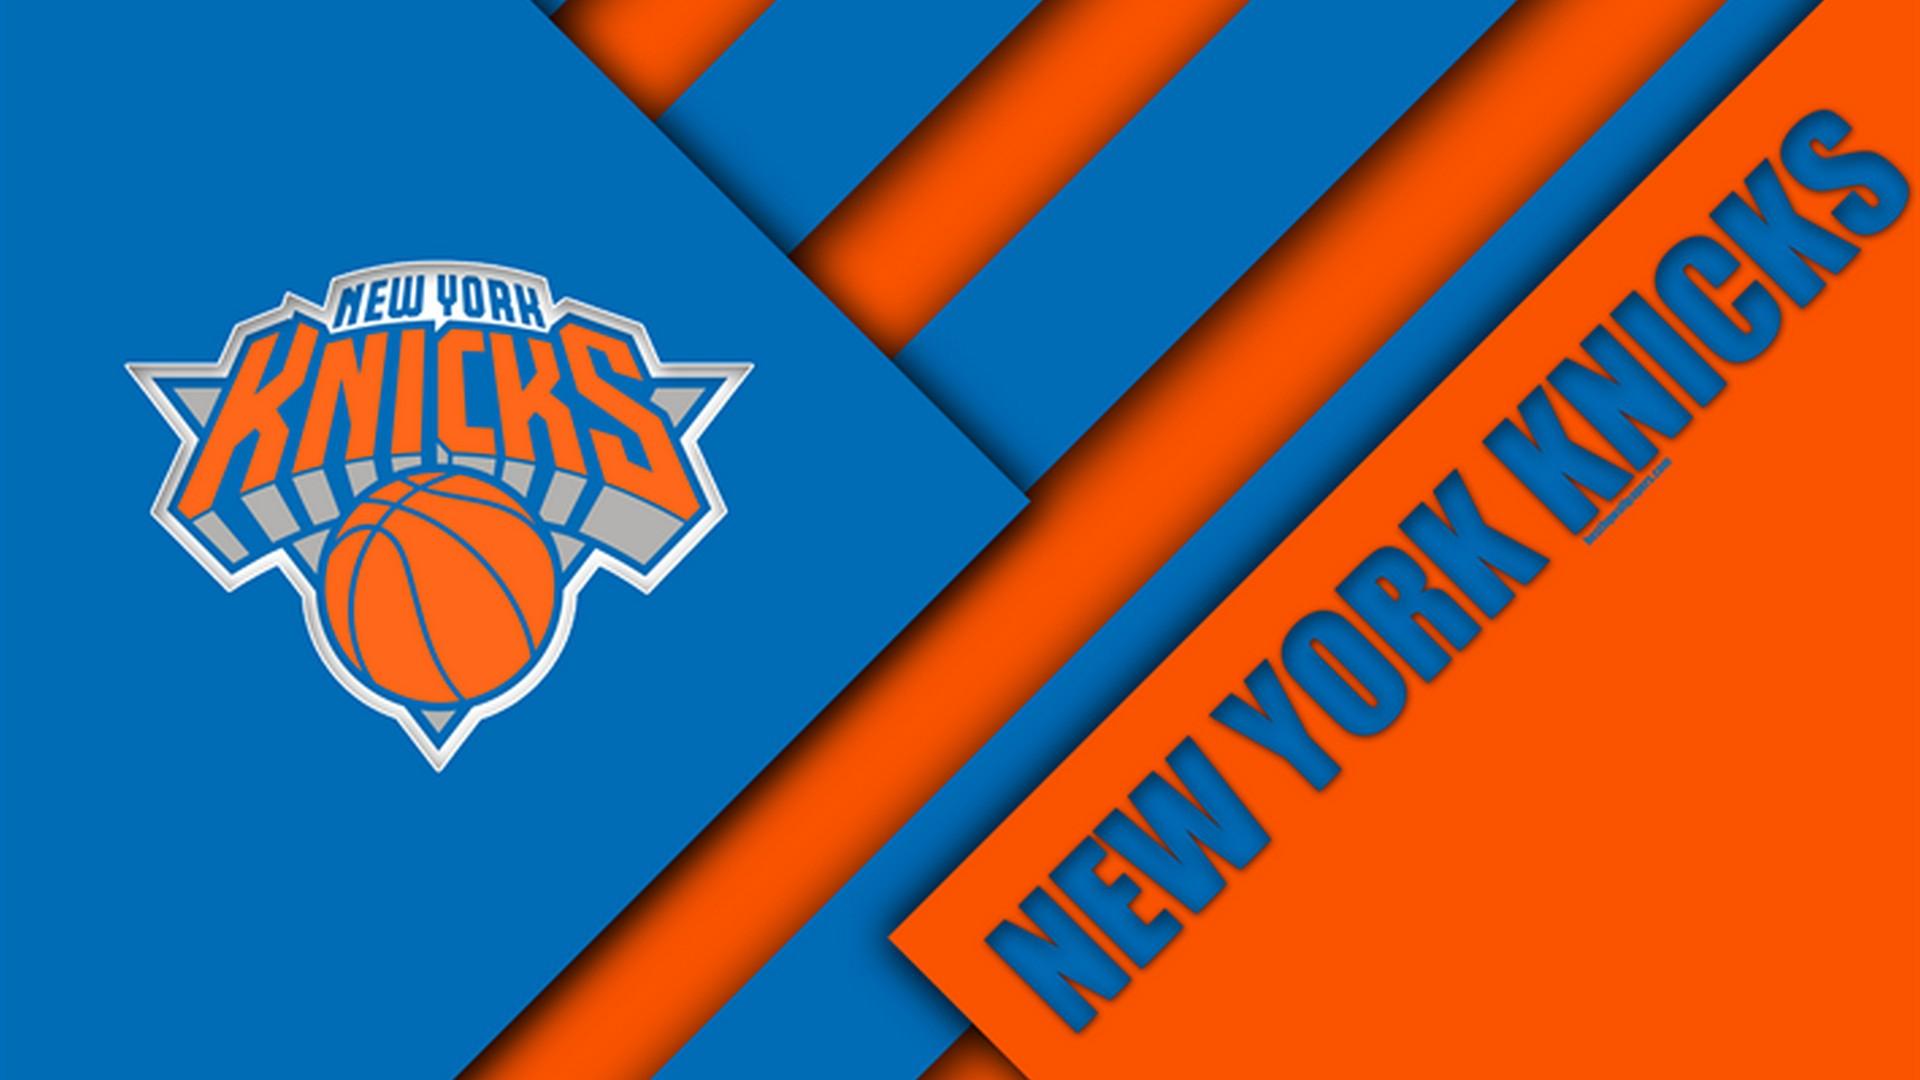 New York Knicks Desktop Wallpaper 2019 Basketball Wallpaper 1920x1080